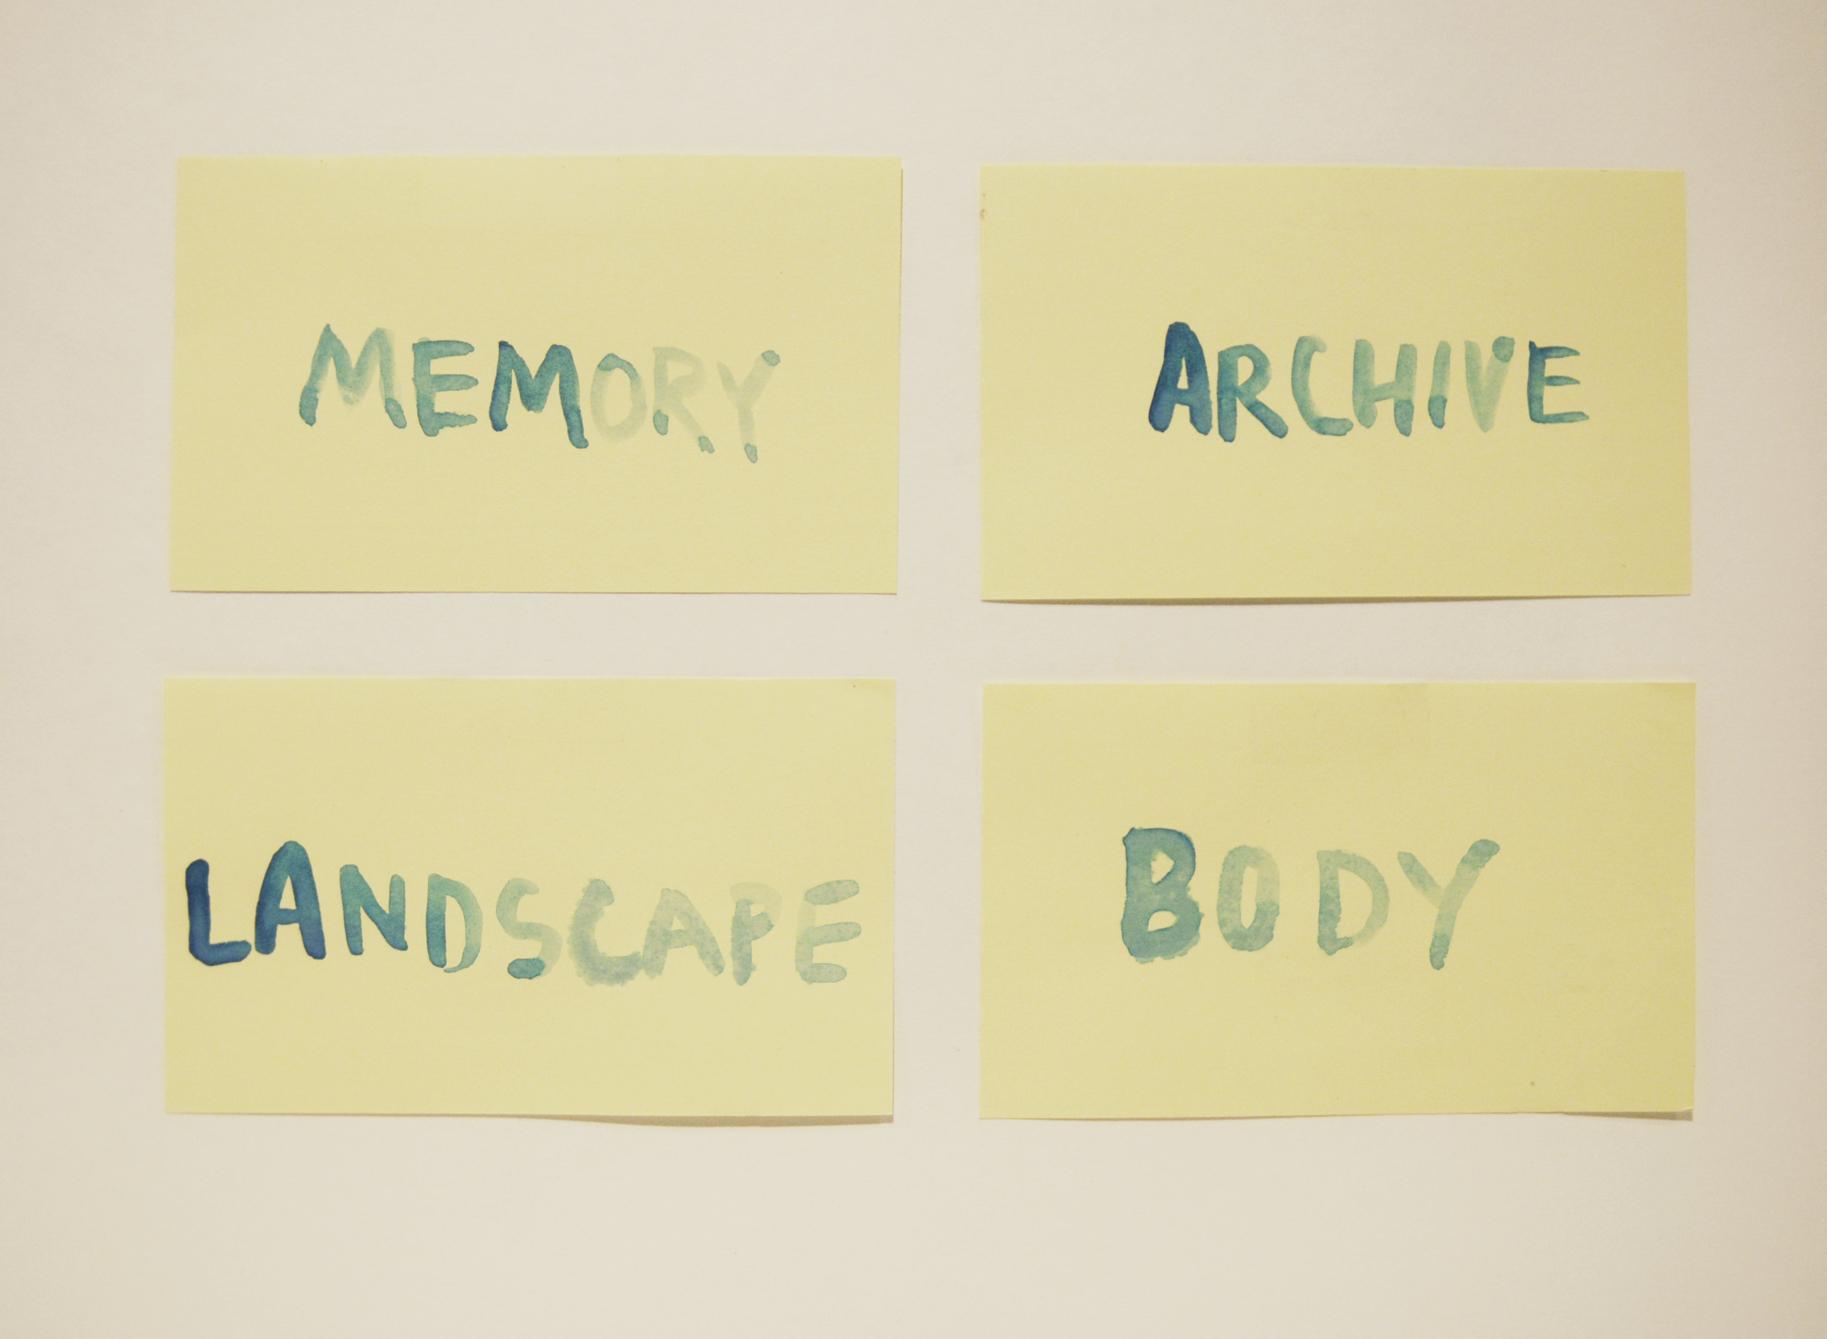 IrisBechtol_Memory-Landscape-Archive-Body